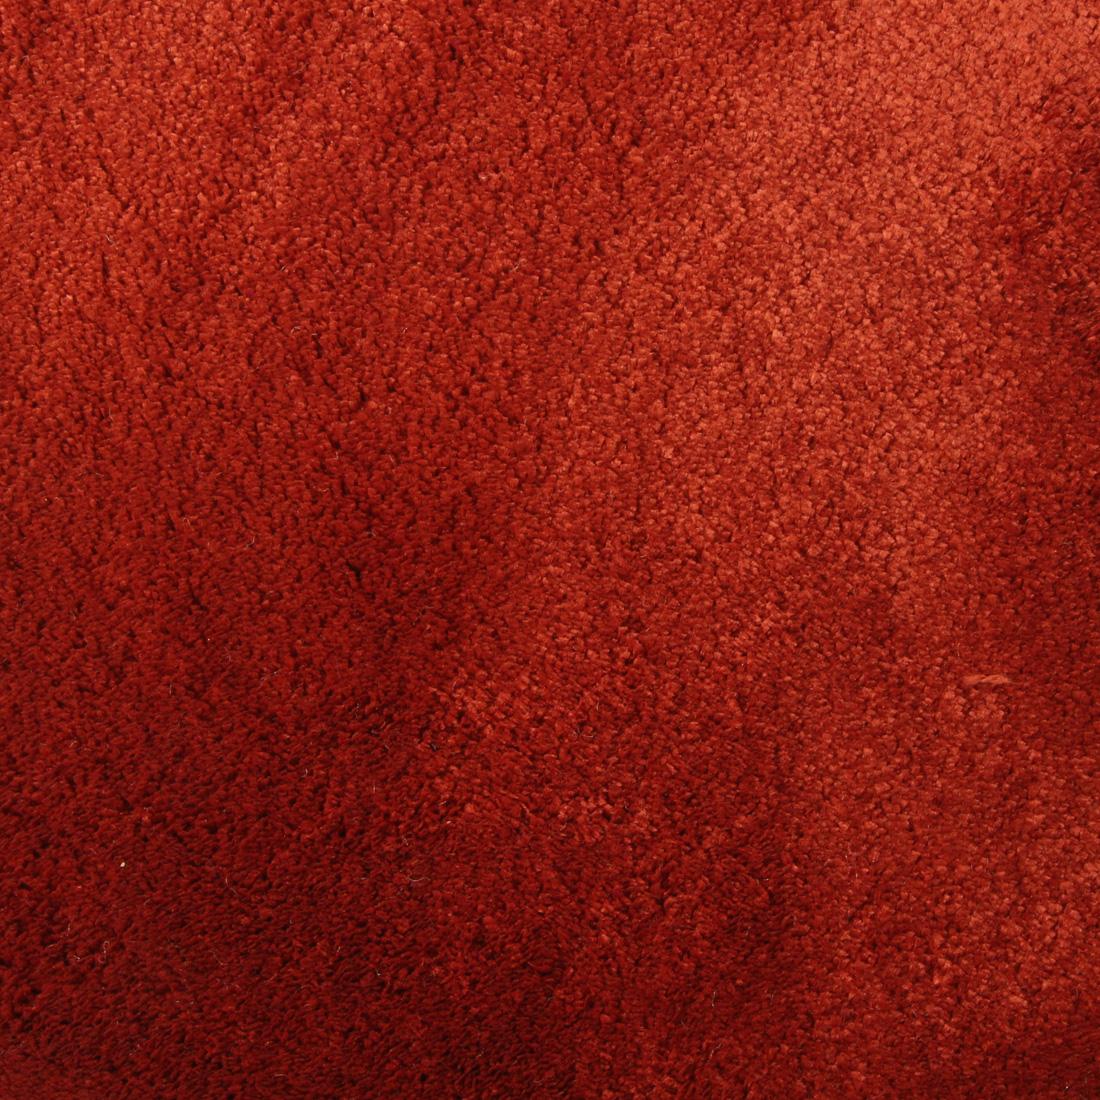 Vloerkleed Xilento Touch Autumn (extra zacht)